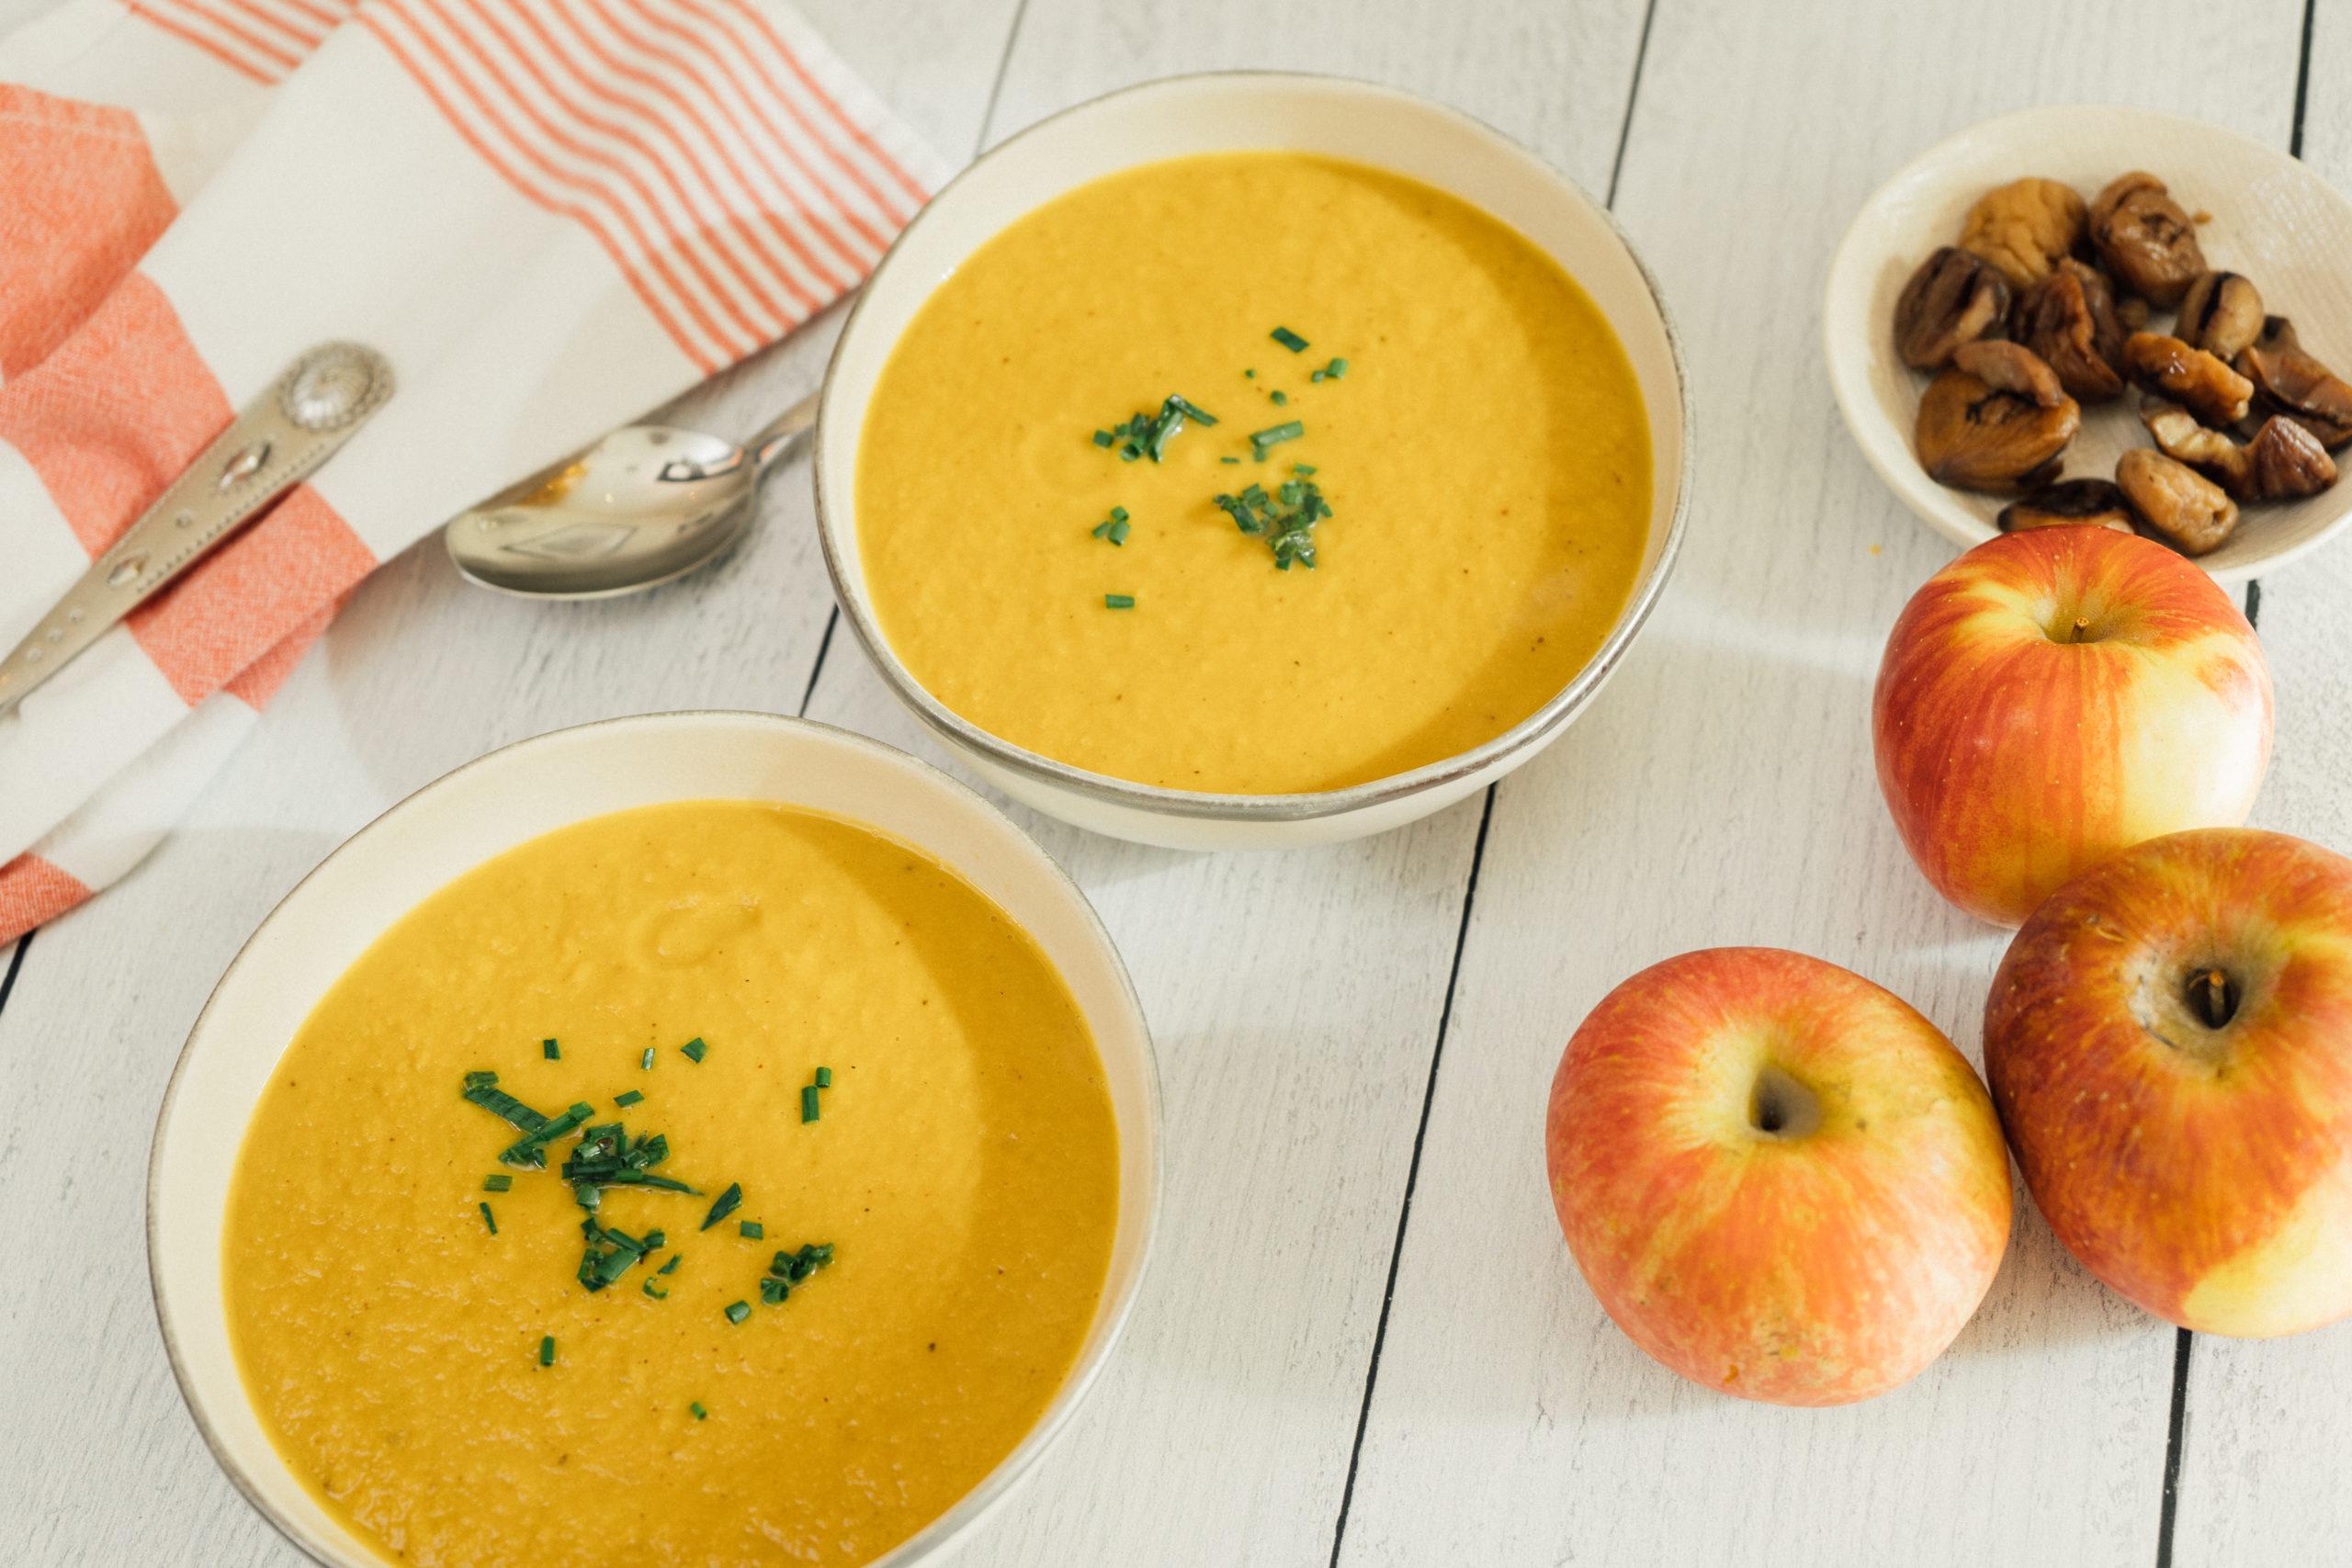 Chestnut apple soup